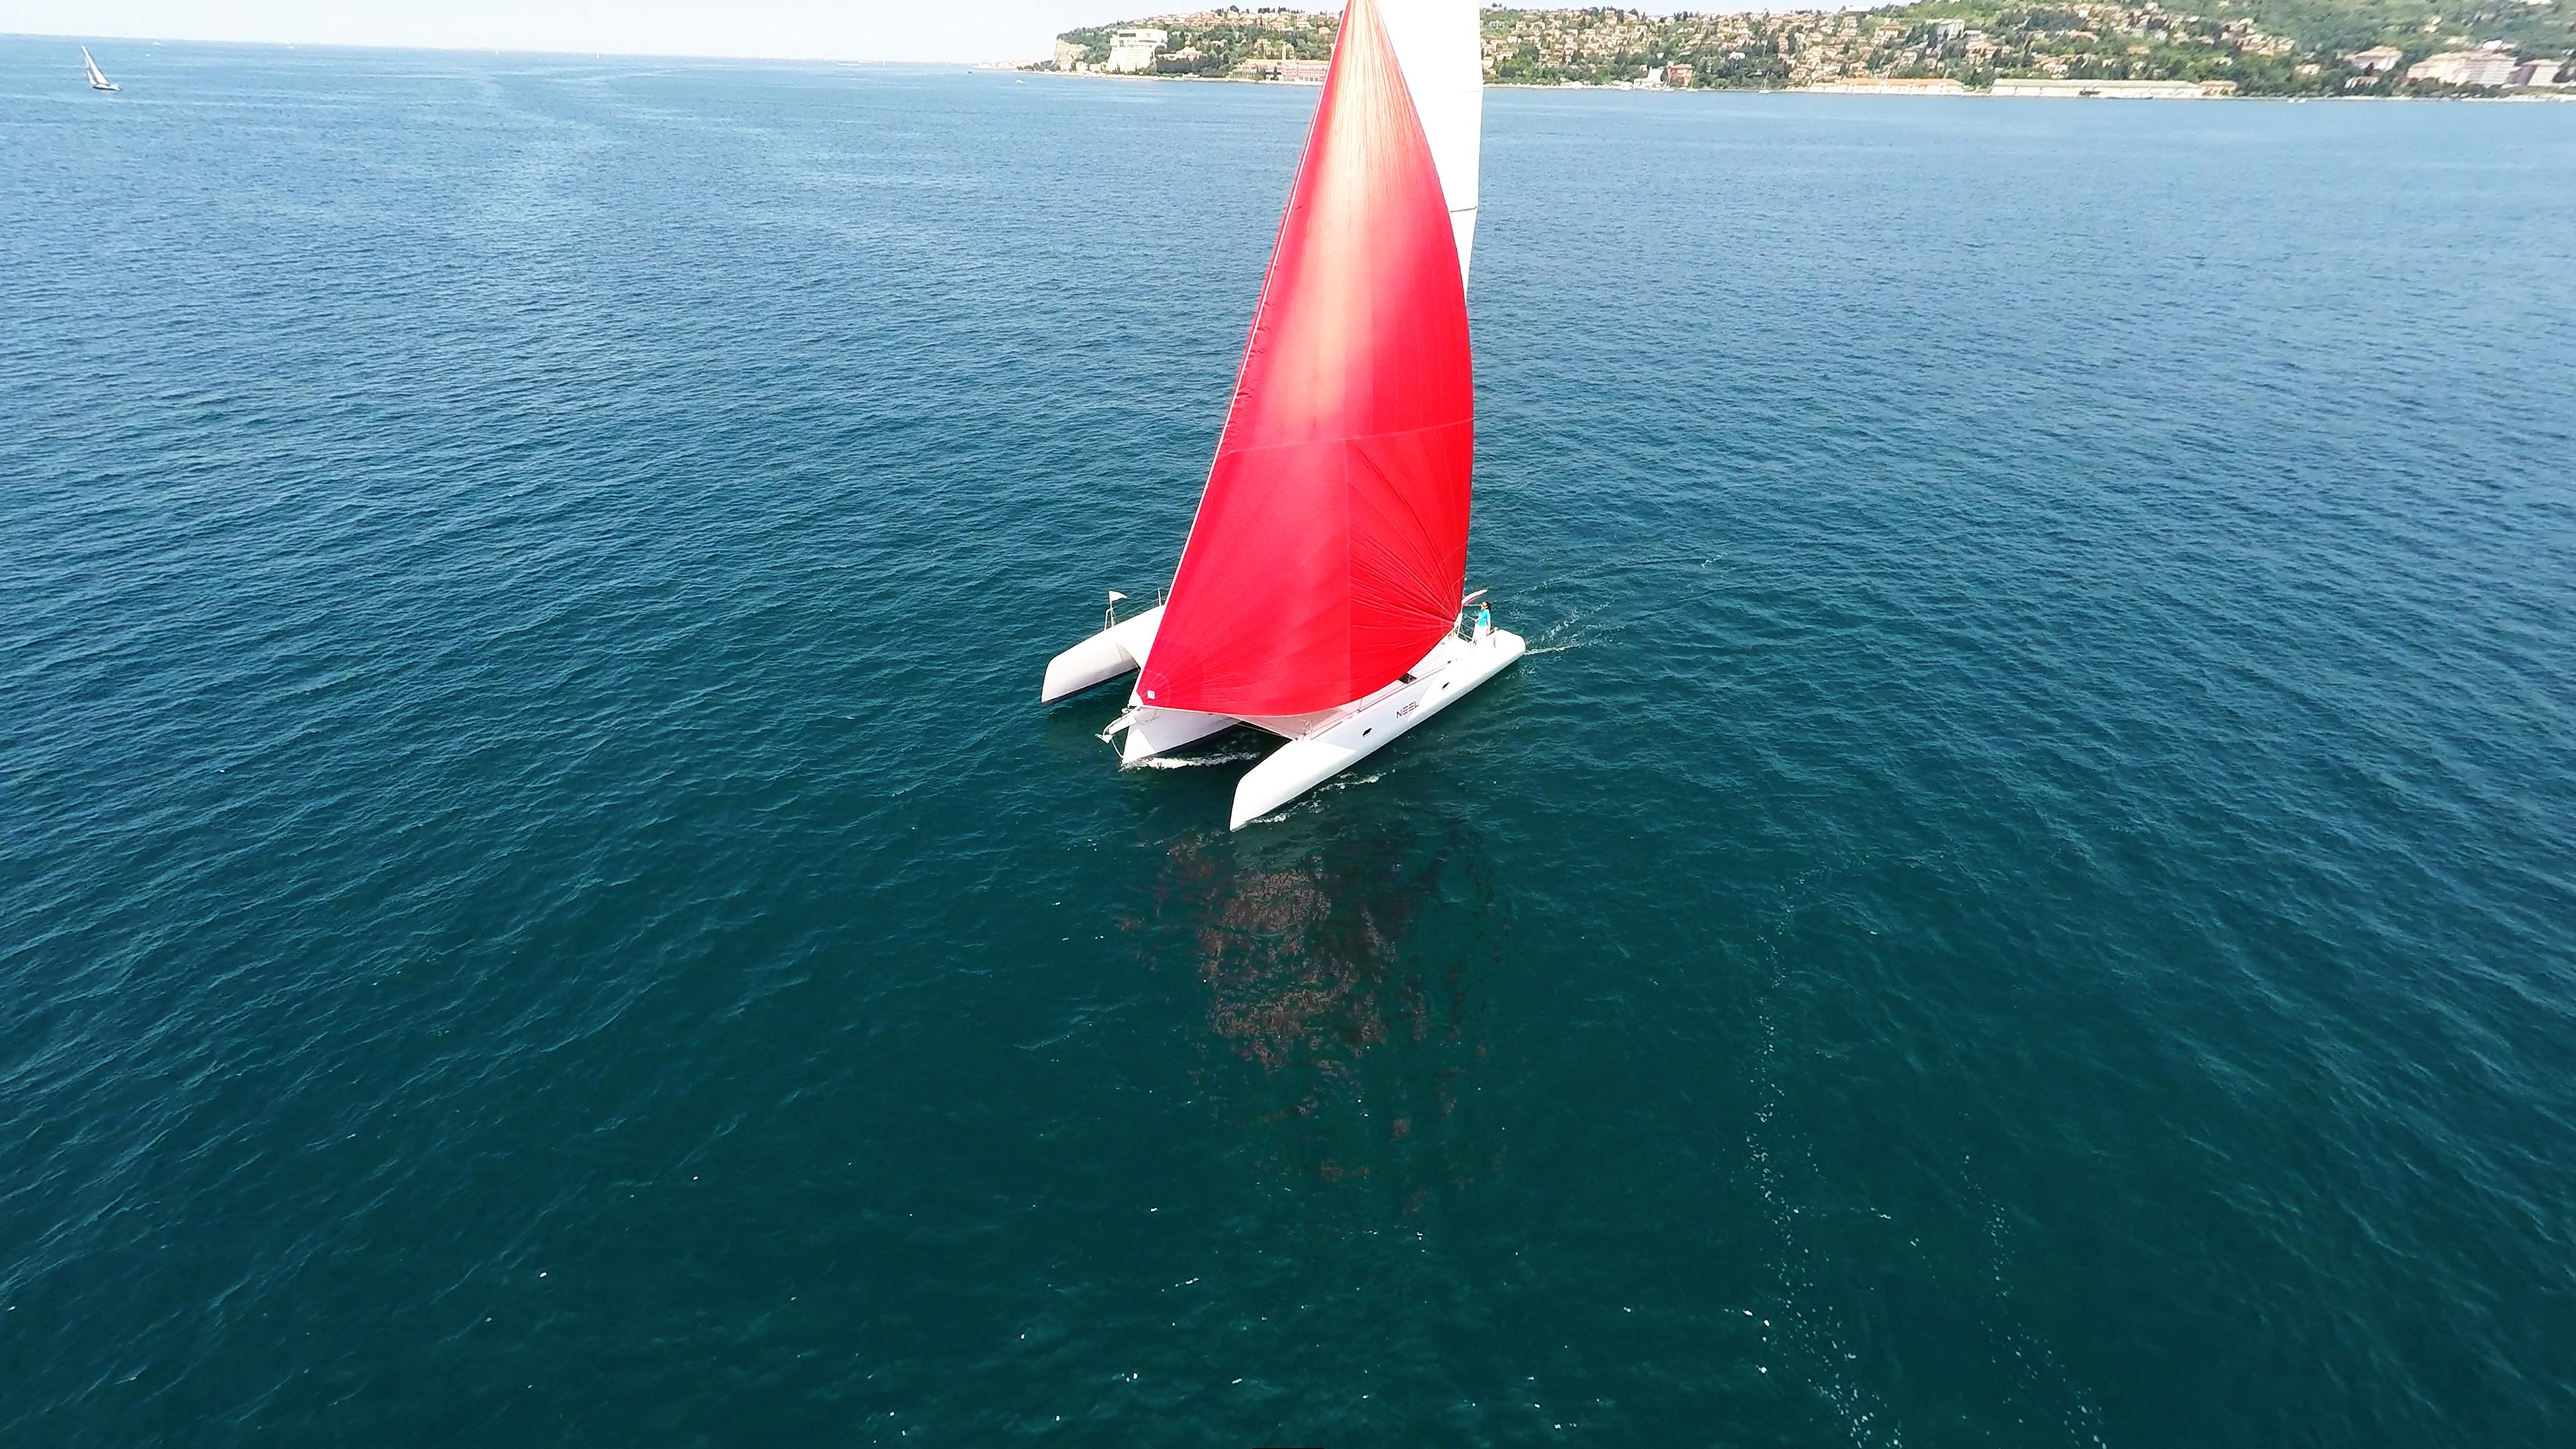 neel 45 trimarano gennaker noleggio barca a vela